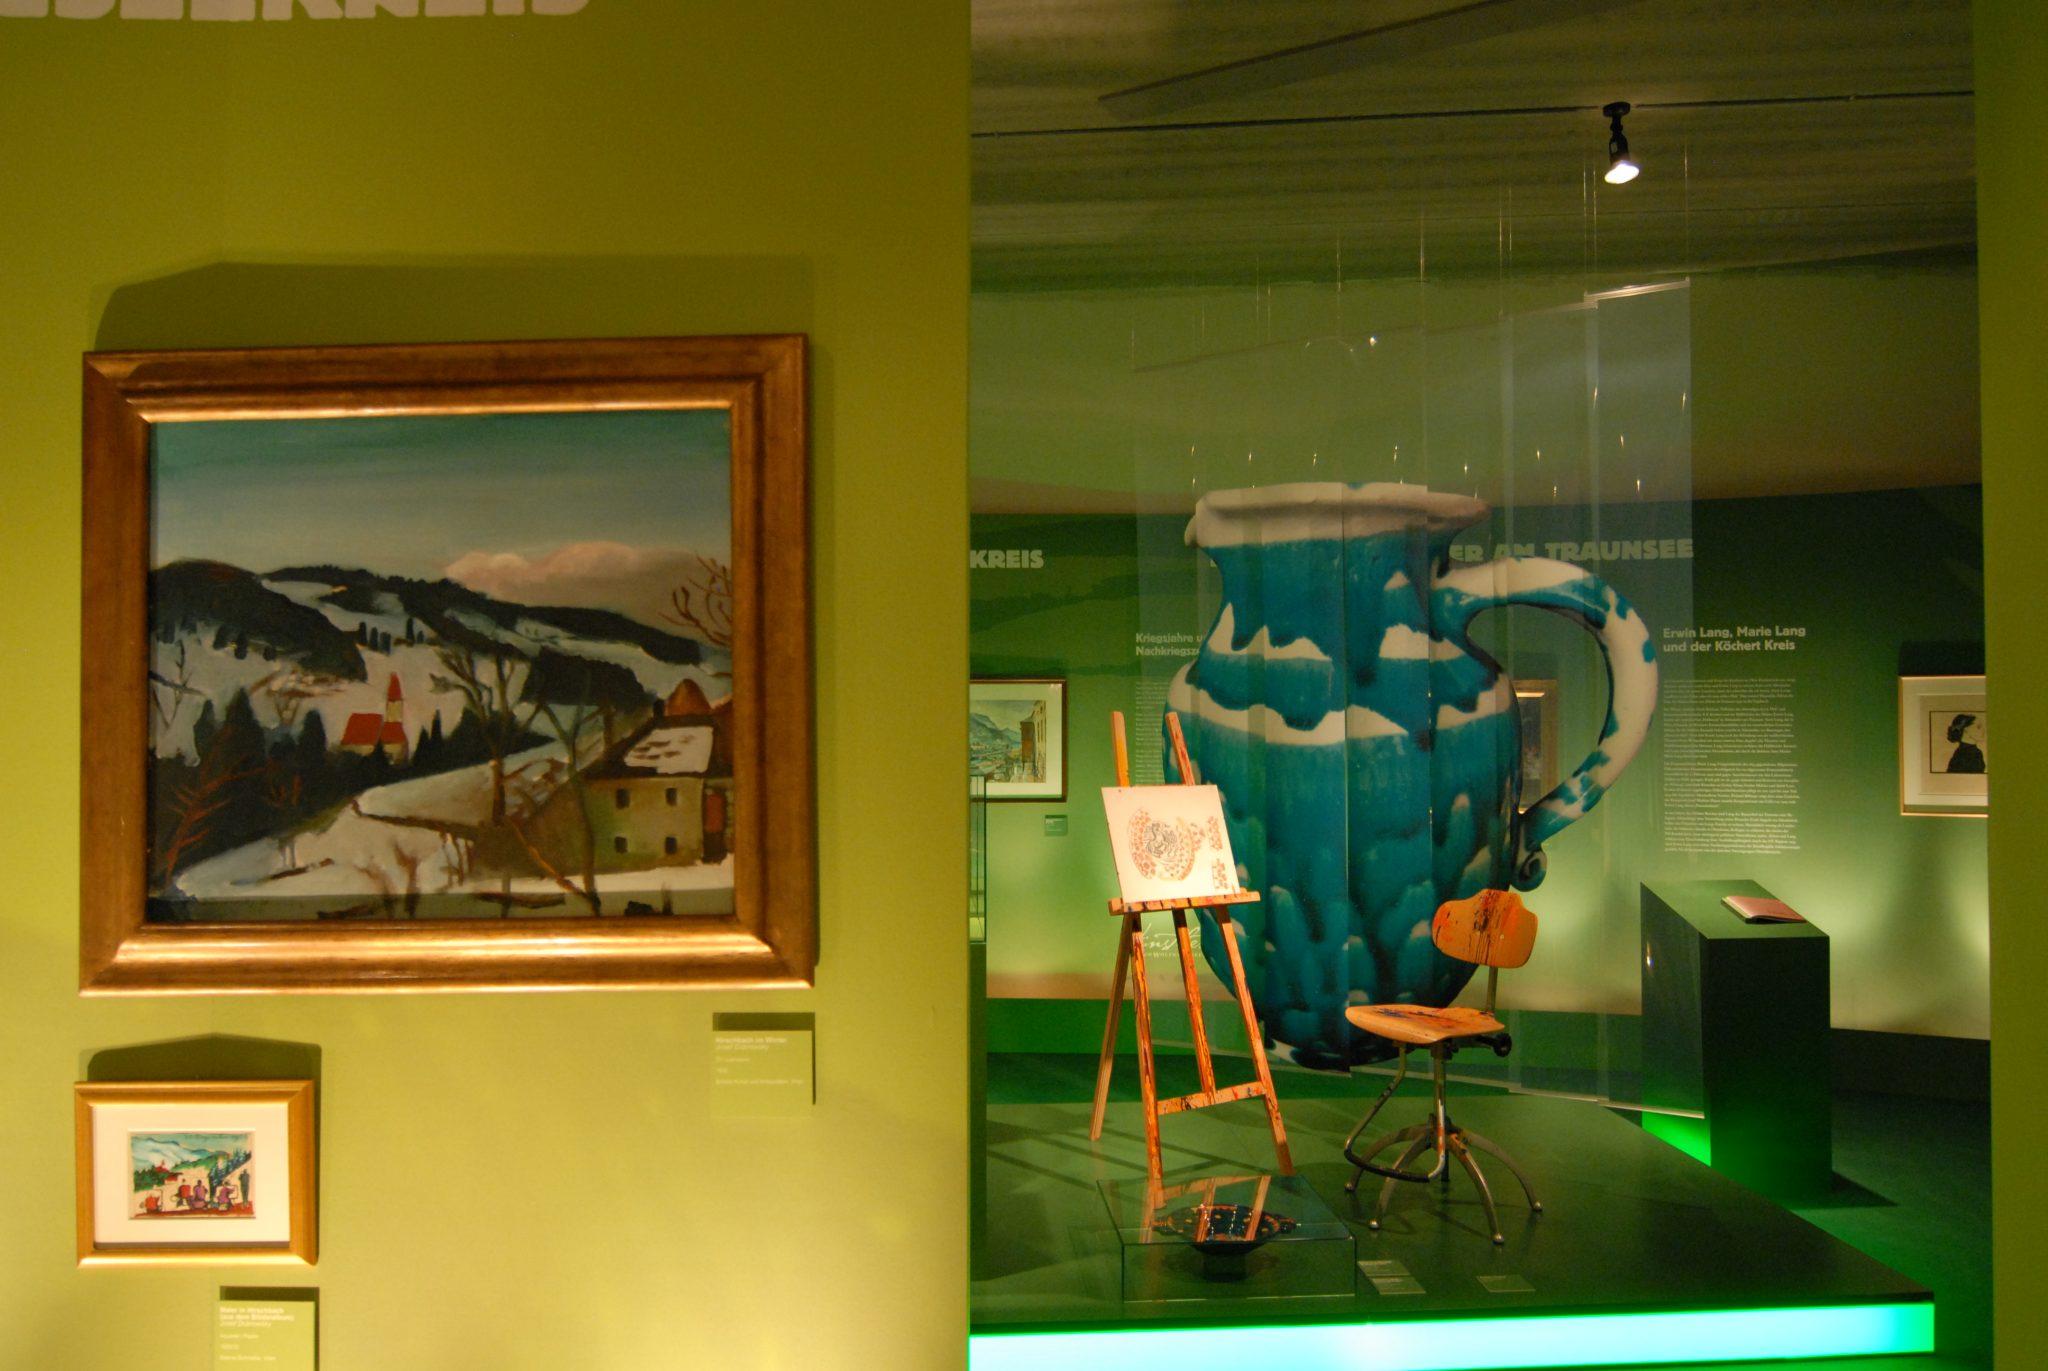 Künstlerkreise: links Gemälde, rechts Inszenierung Staffelei mit antikem Drehstuhl und Gmundner Keramik Krug.